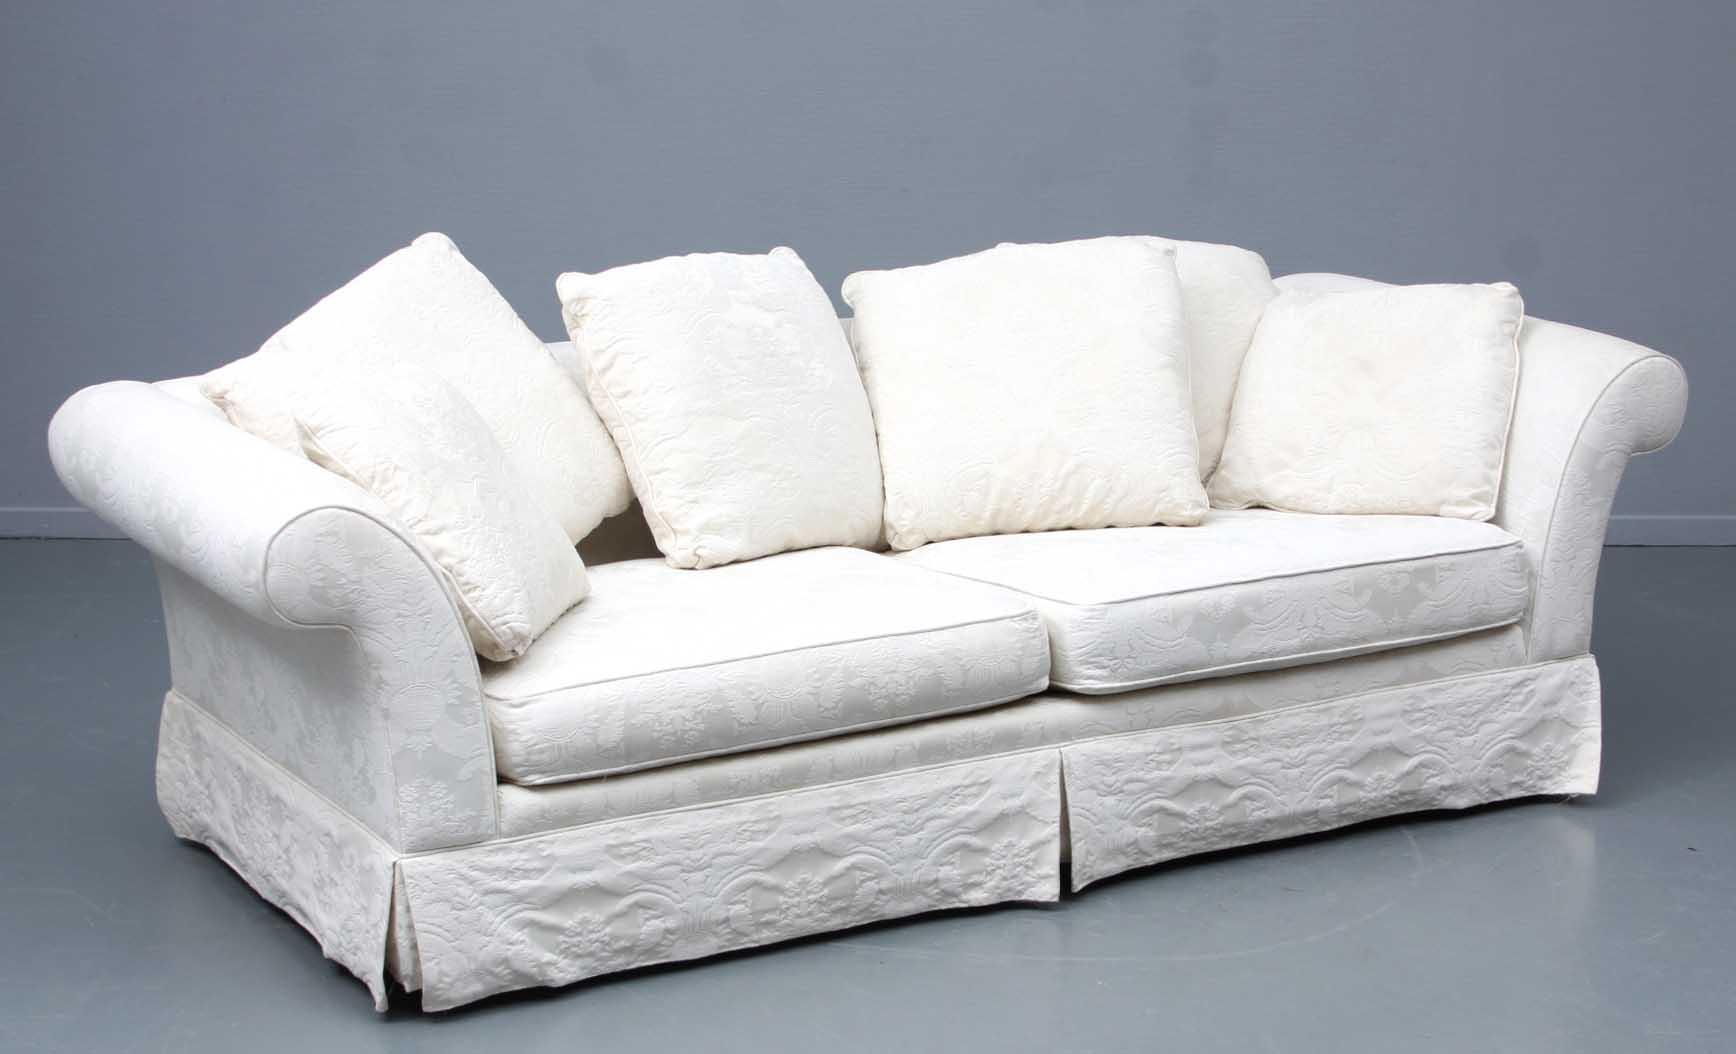 Charmant Bauhaus U.S.A. Inc. Tre Pers. Sofa Denne Vare Er Sat Til Omsalg Under Nyt